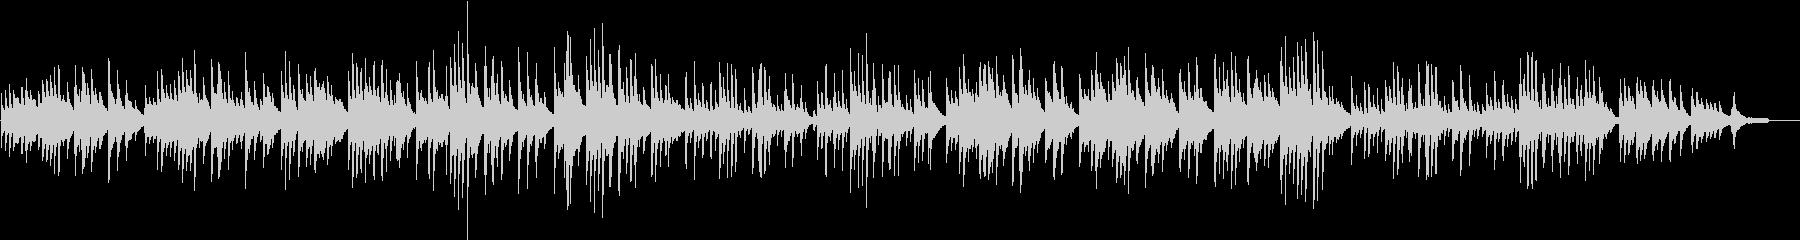 ジブリ風やさしいピアノバラードの未再生の波形